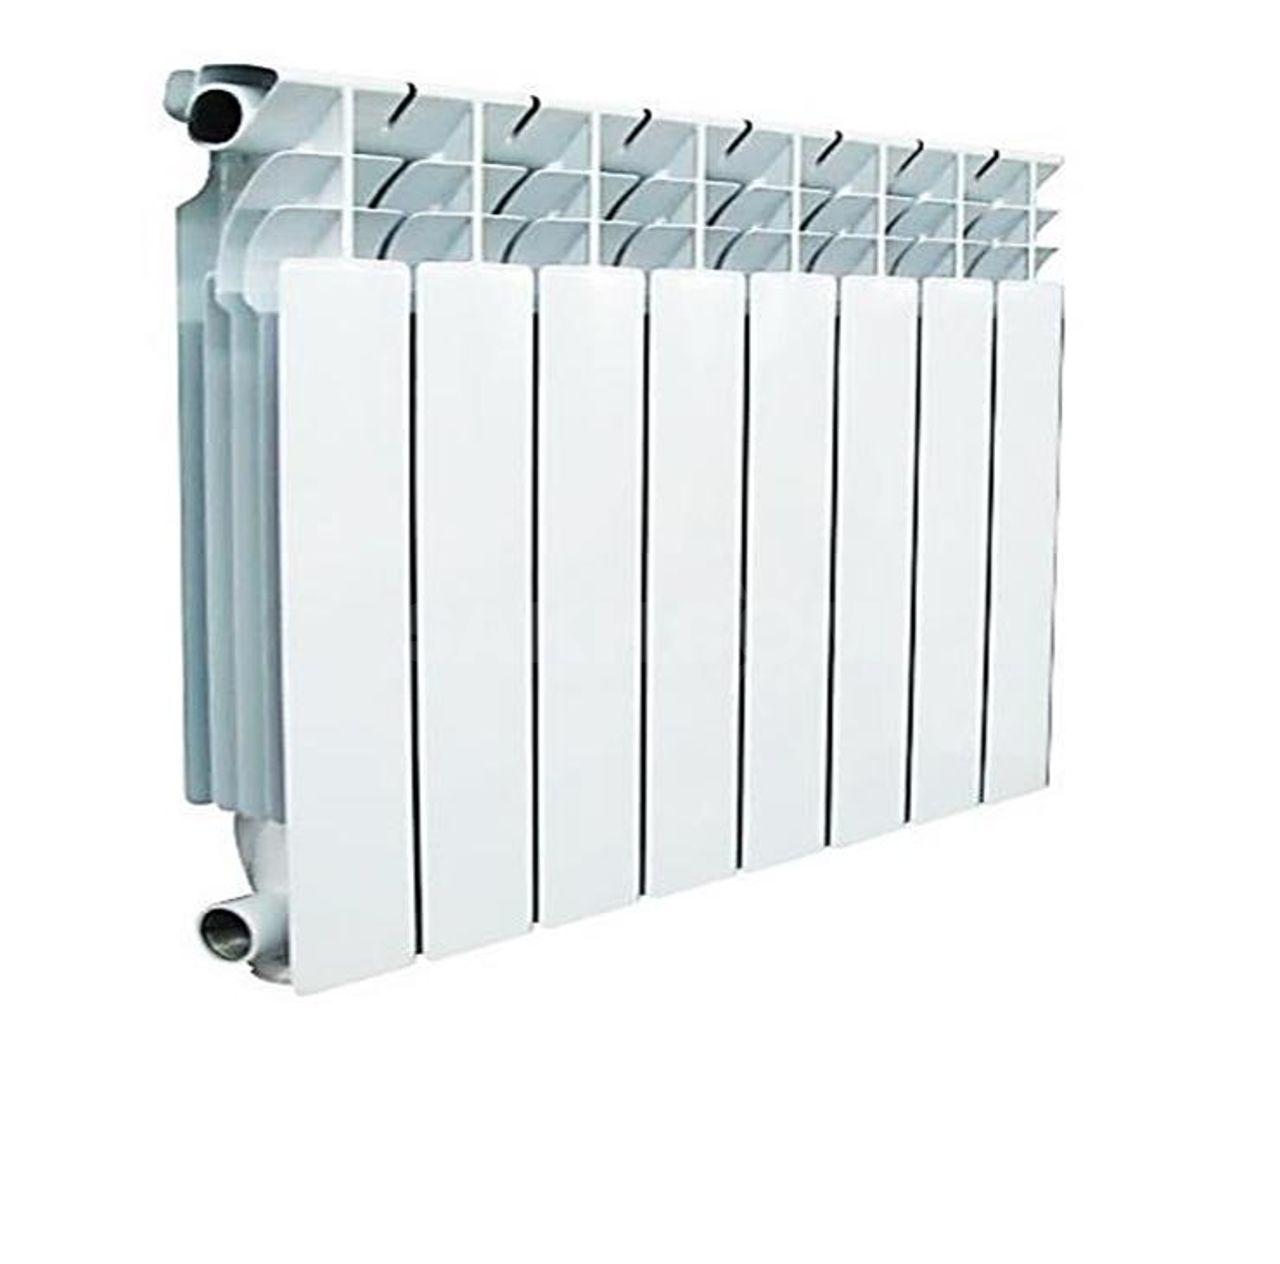 Биметаллические радиаторы отопления: какие лучше - проверенные производители, какой фирмы и марки выбрать батареи, детальное фото и видео